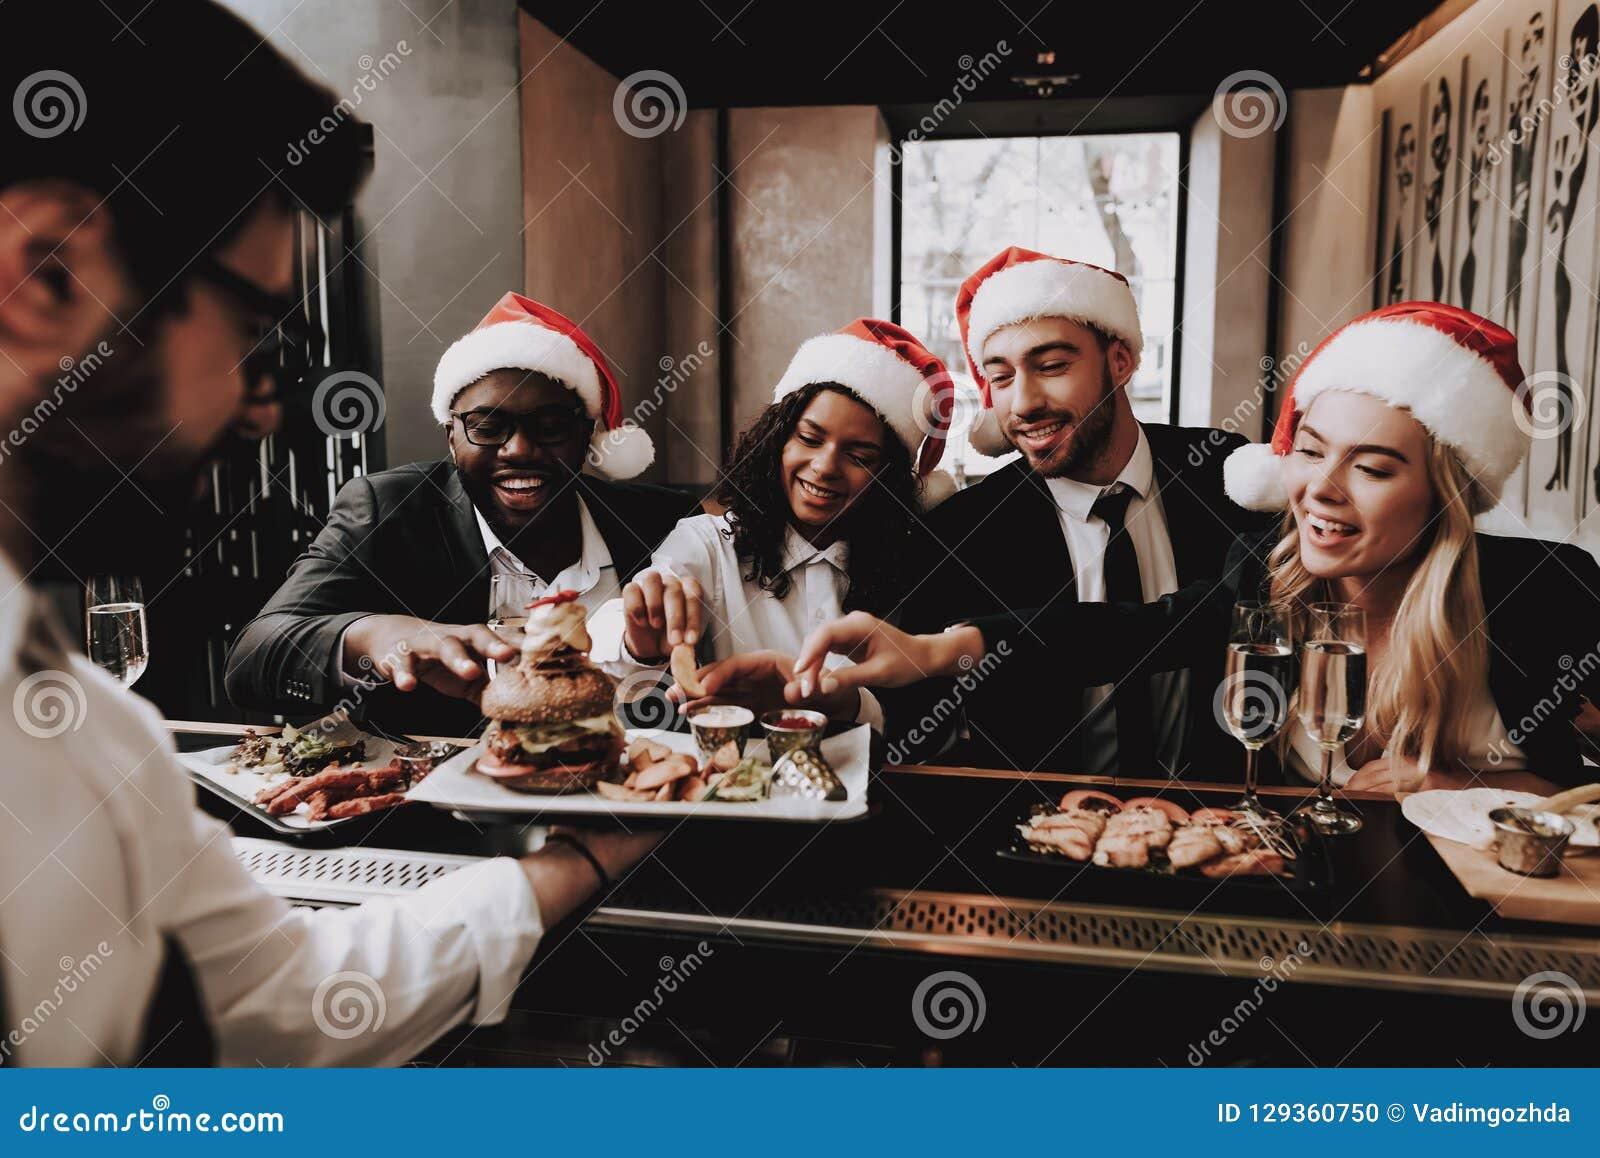 休闲 汉堡 帽子s圣诞老人 女孩和人